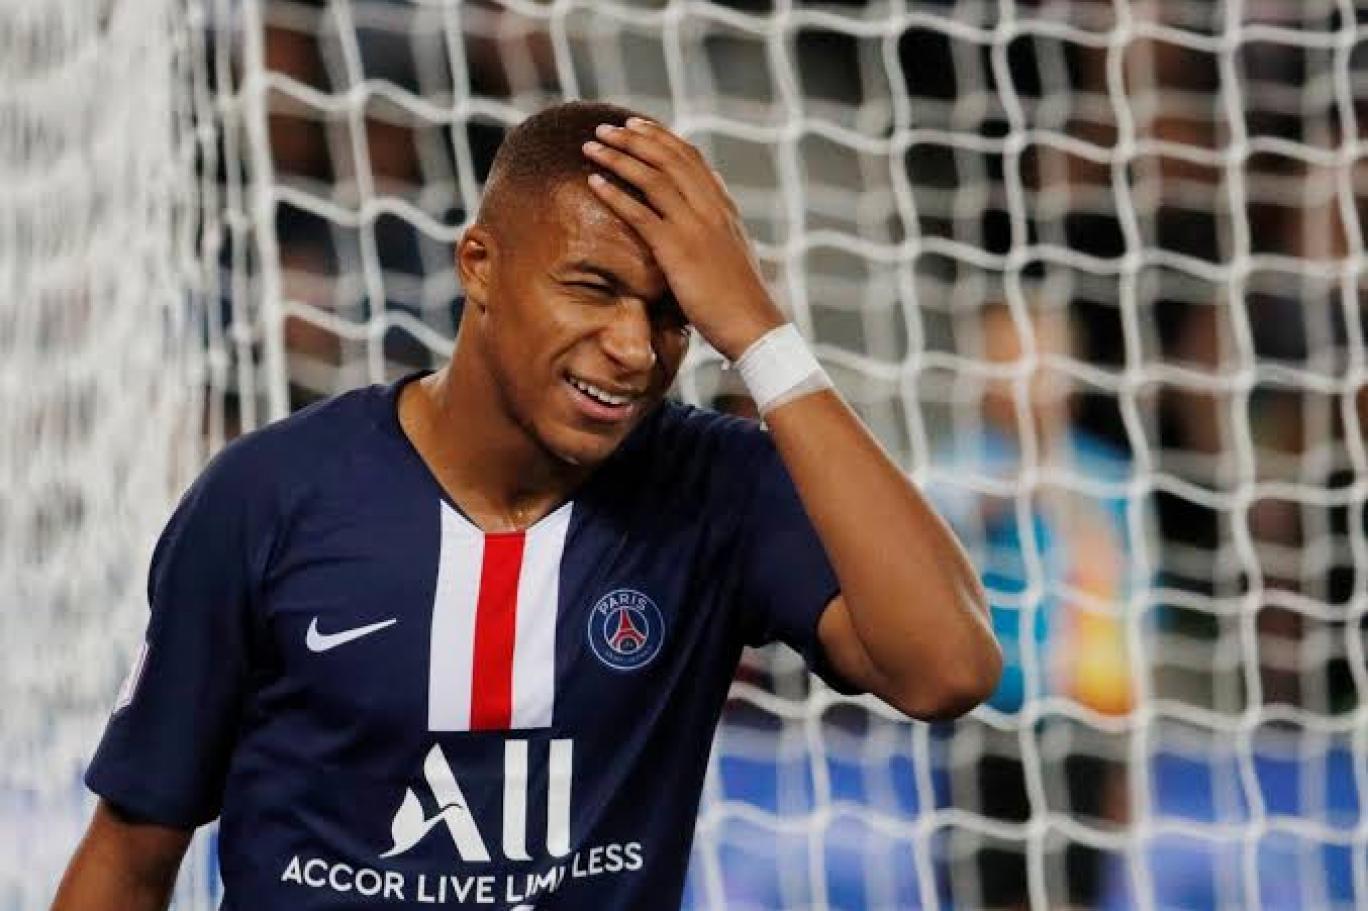 النجم الفرنسي كيليان مبابي وأسباب انهيار صفقة الانتقال إلى ريال مدريد